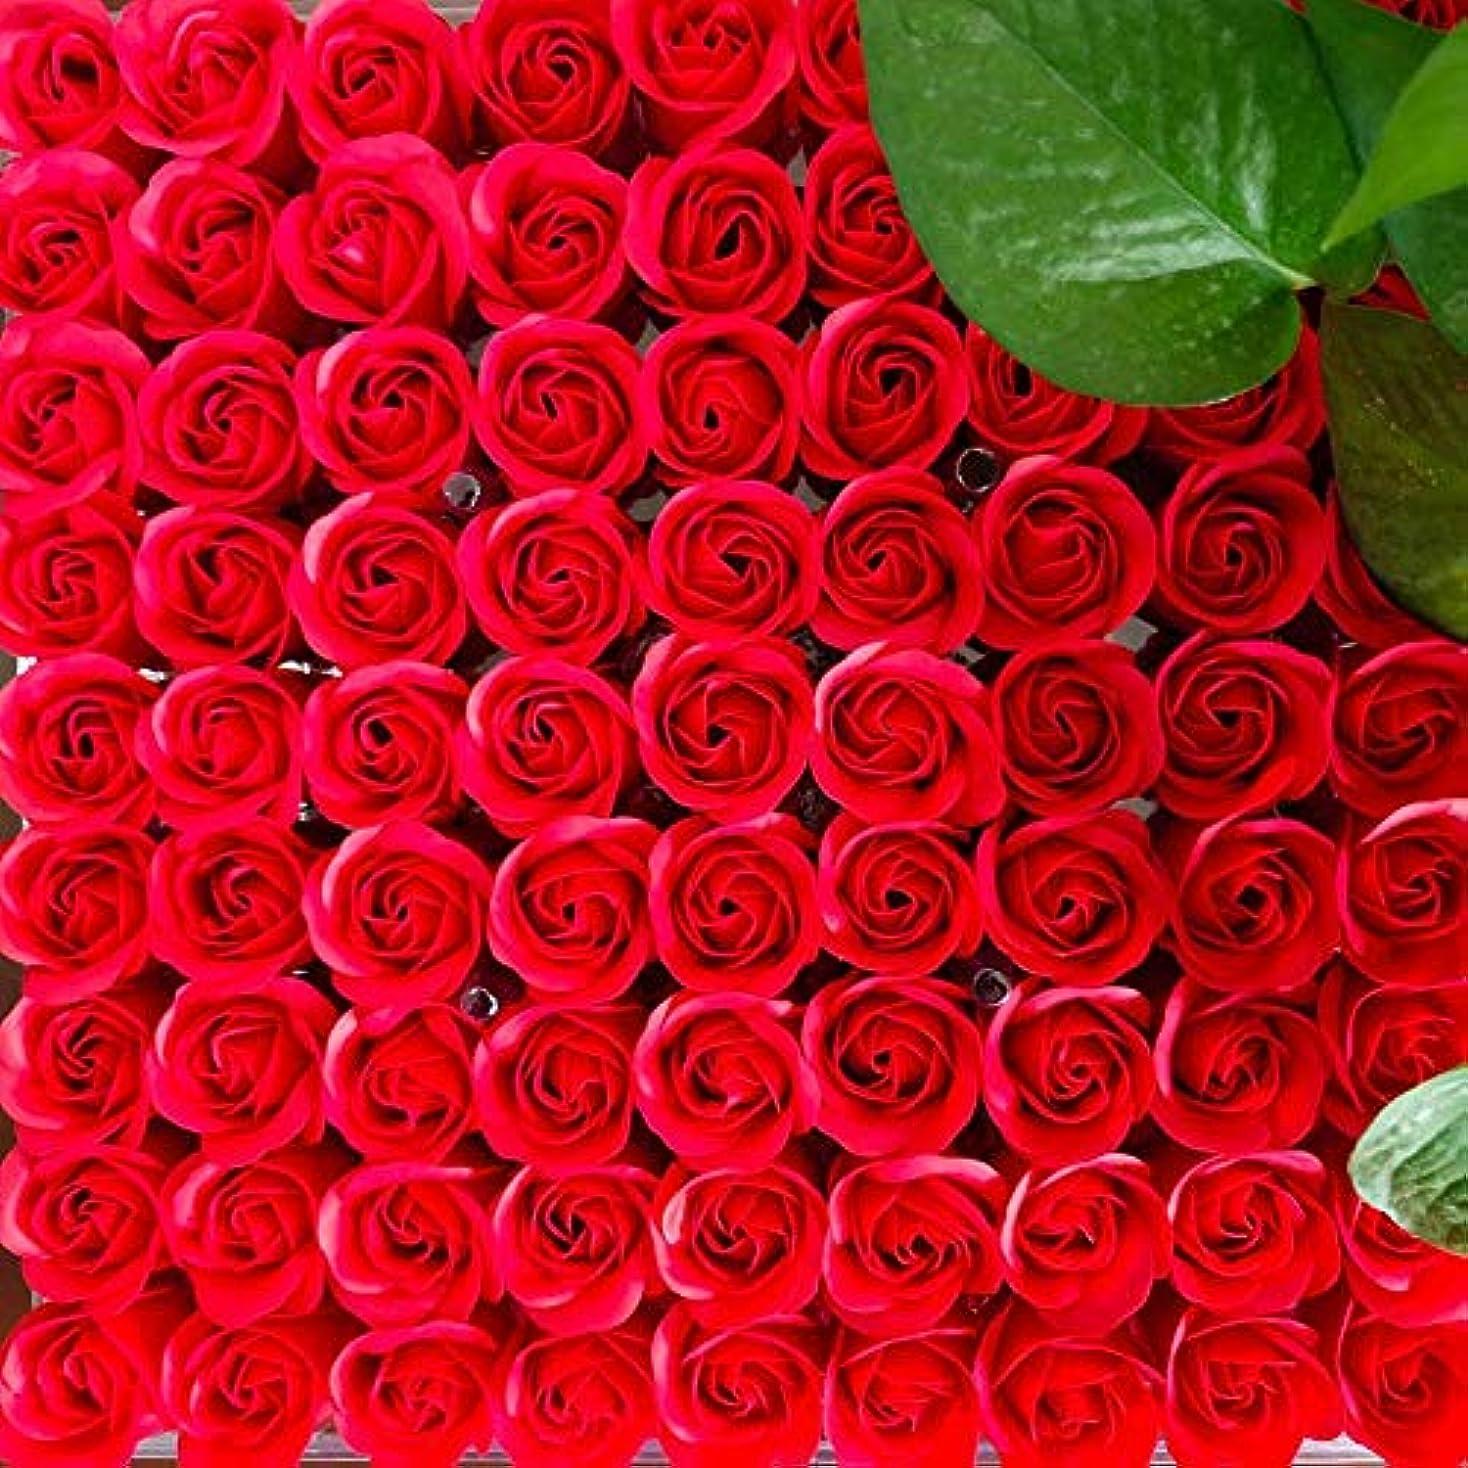 興味方言耐えられる81PCS DIY ボディソープ バラ ローズ 洗濯用 フラワーソープ 良い香り 三層 贈り物 結婚披露宴 バレンタインデーギフト 石鹸の花+ボックス